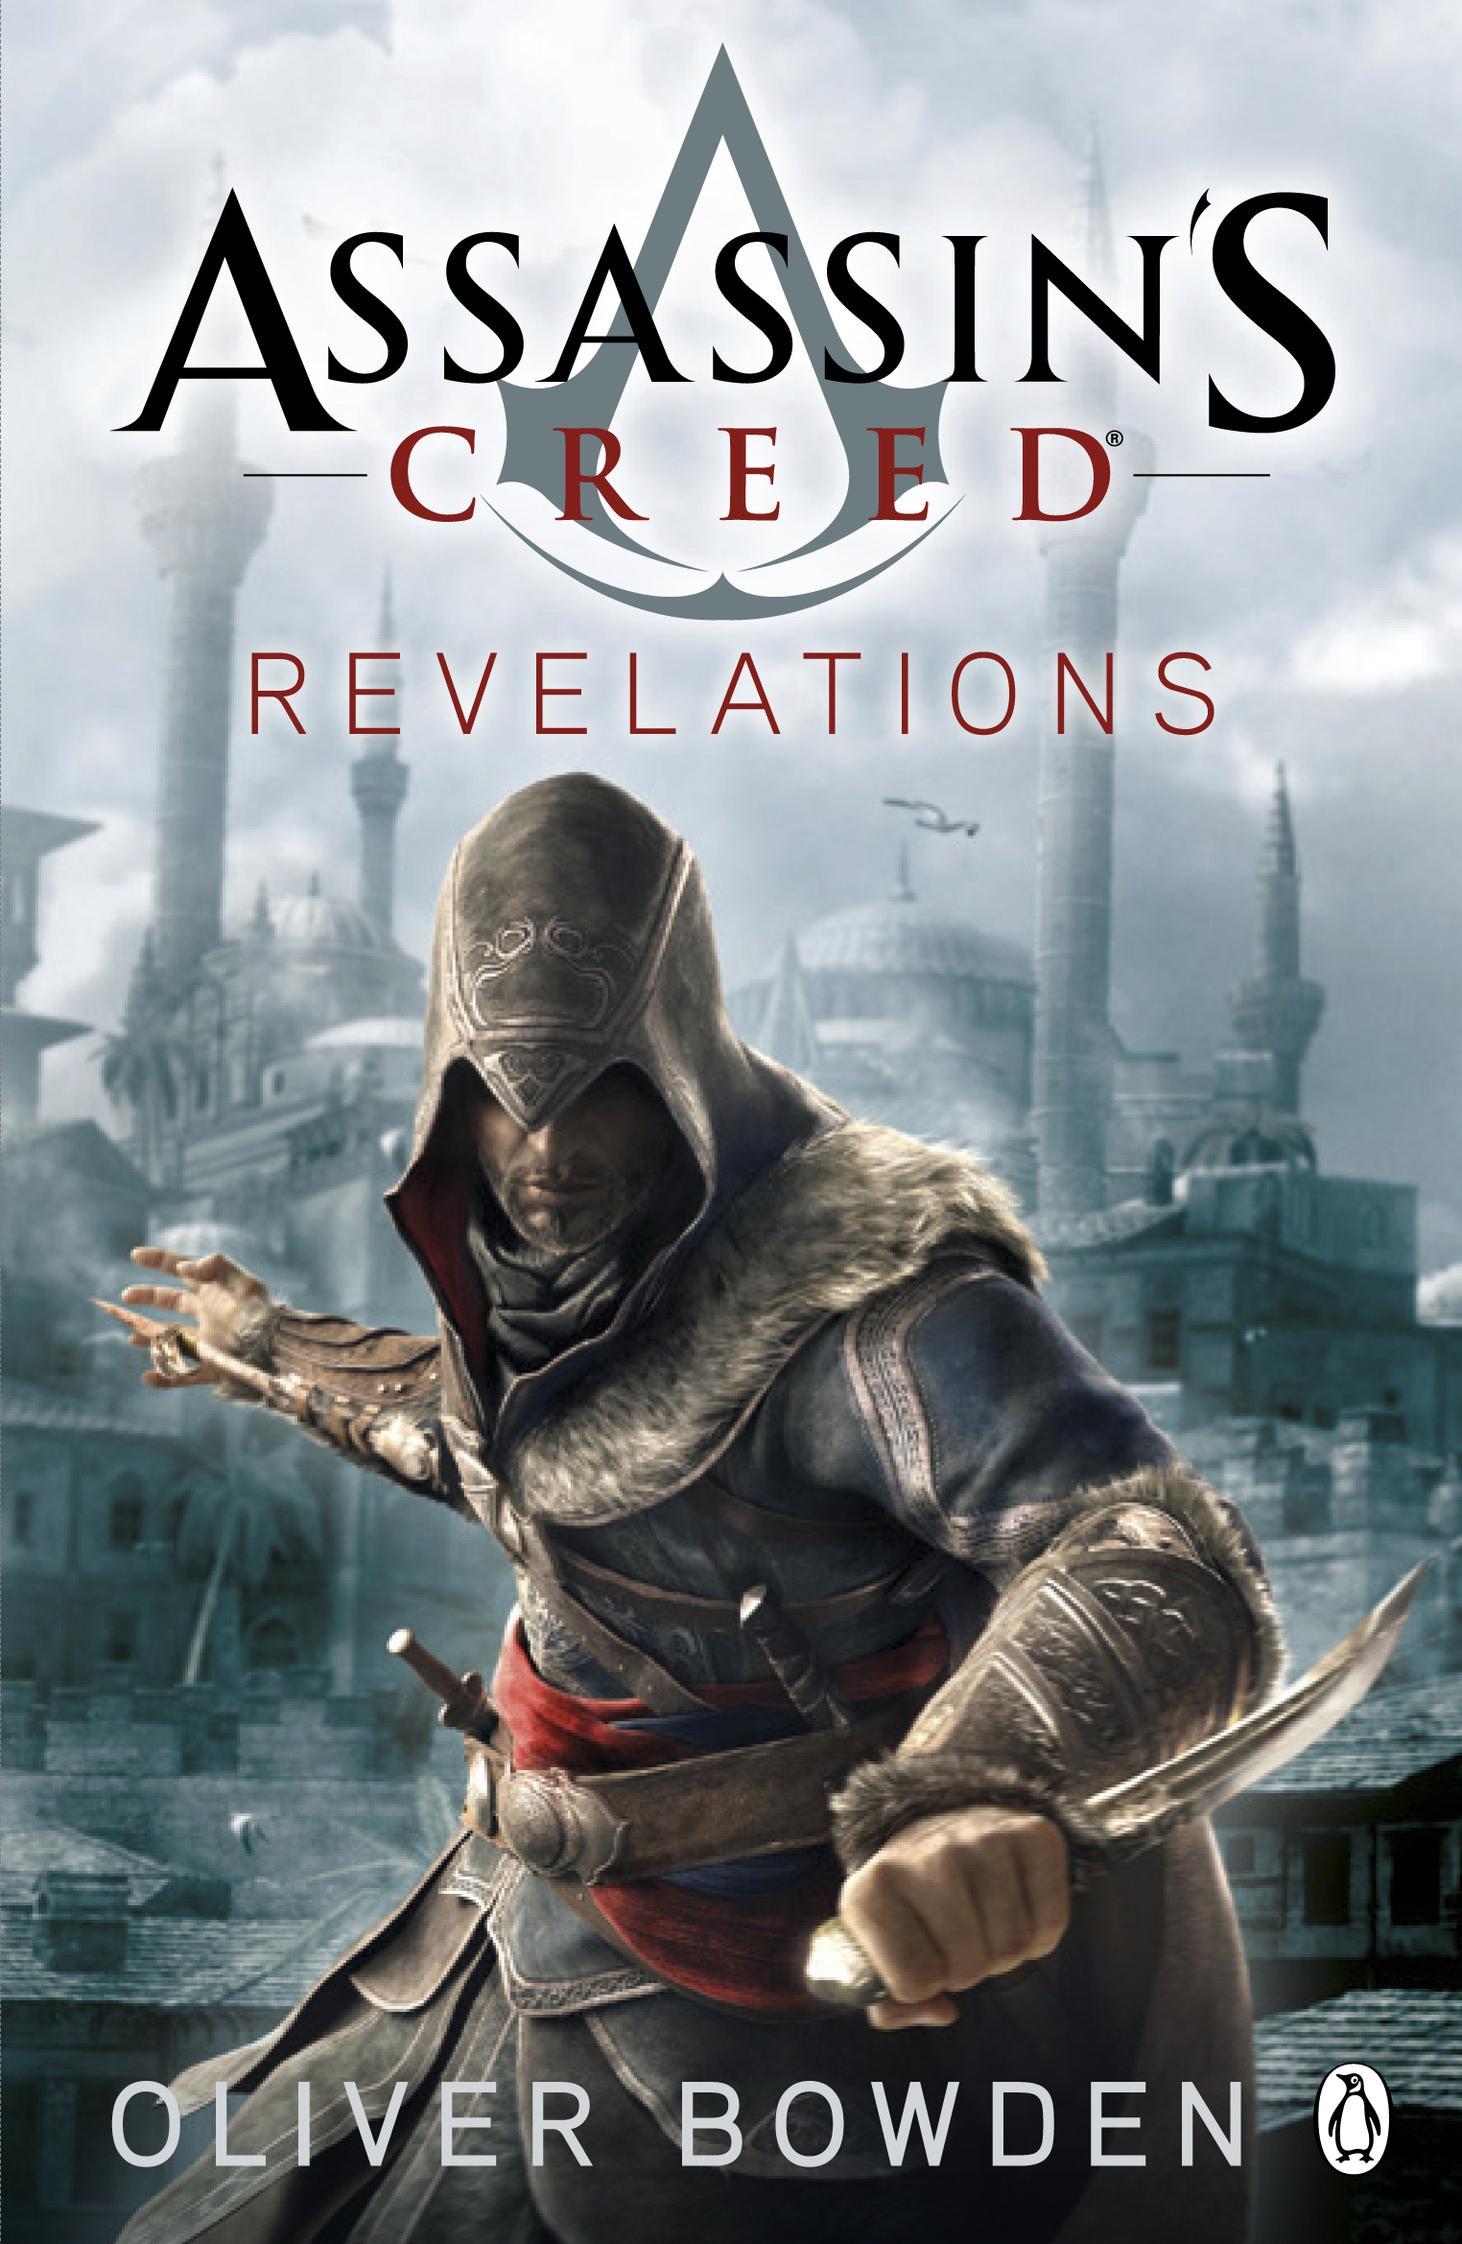 Assassin's Creed: Revelations (novel)